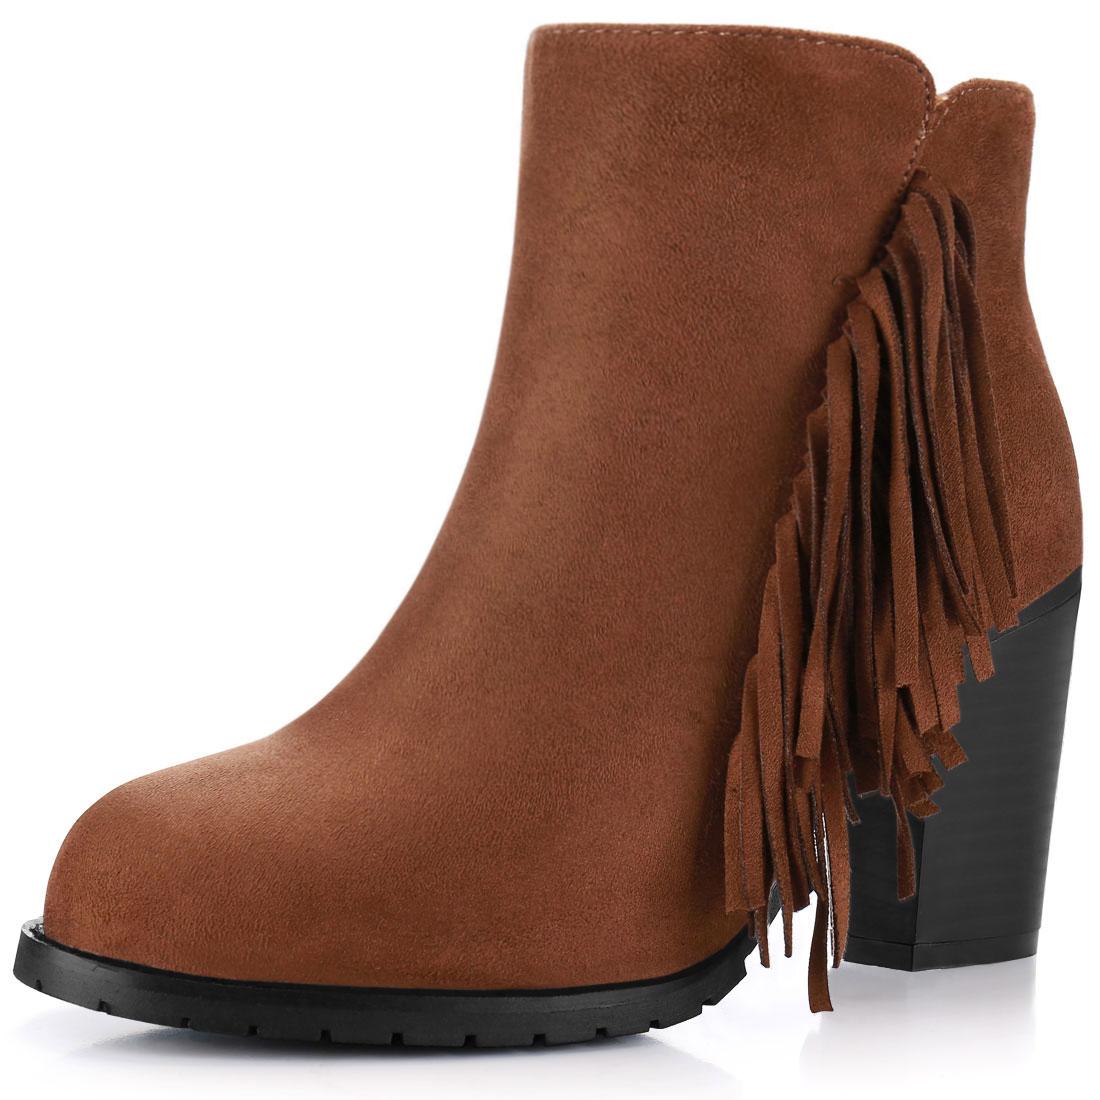 Women Fringe Trim Block High Heel Zip Side Ankle Boots Cognac US 7.5